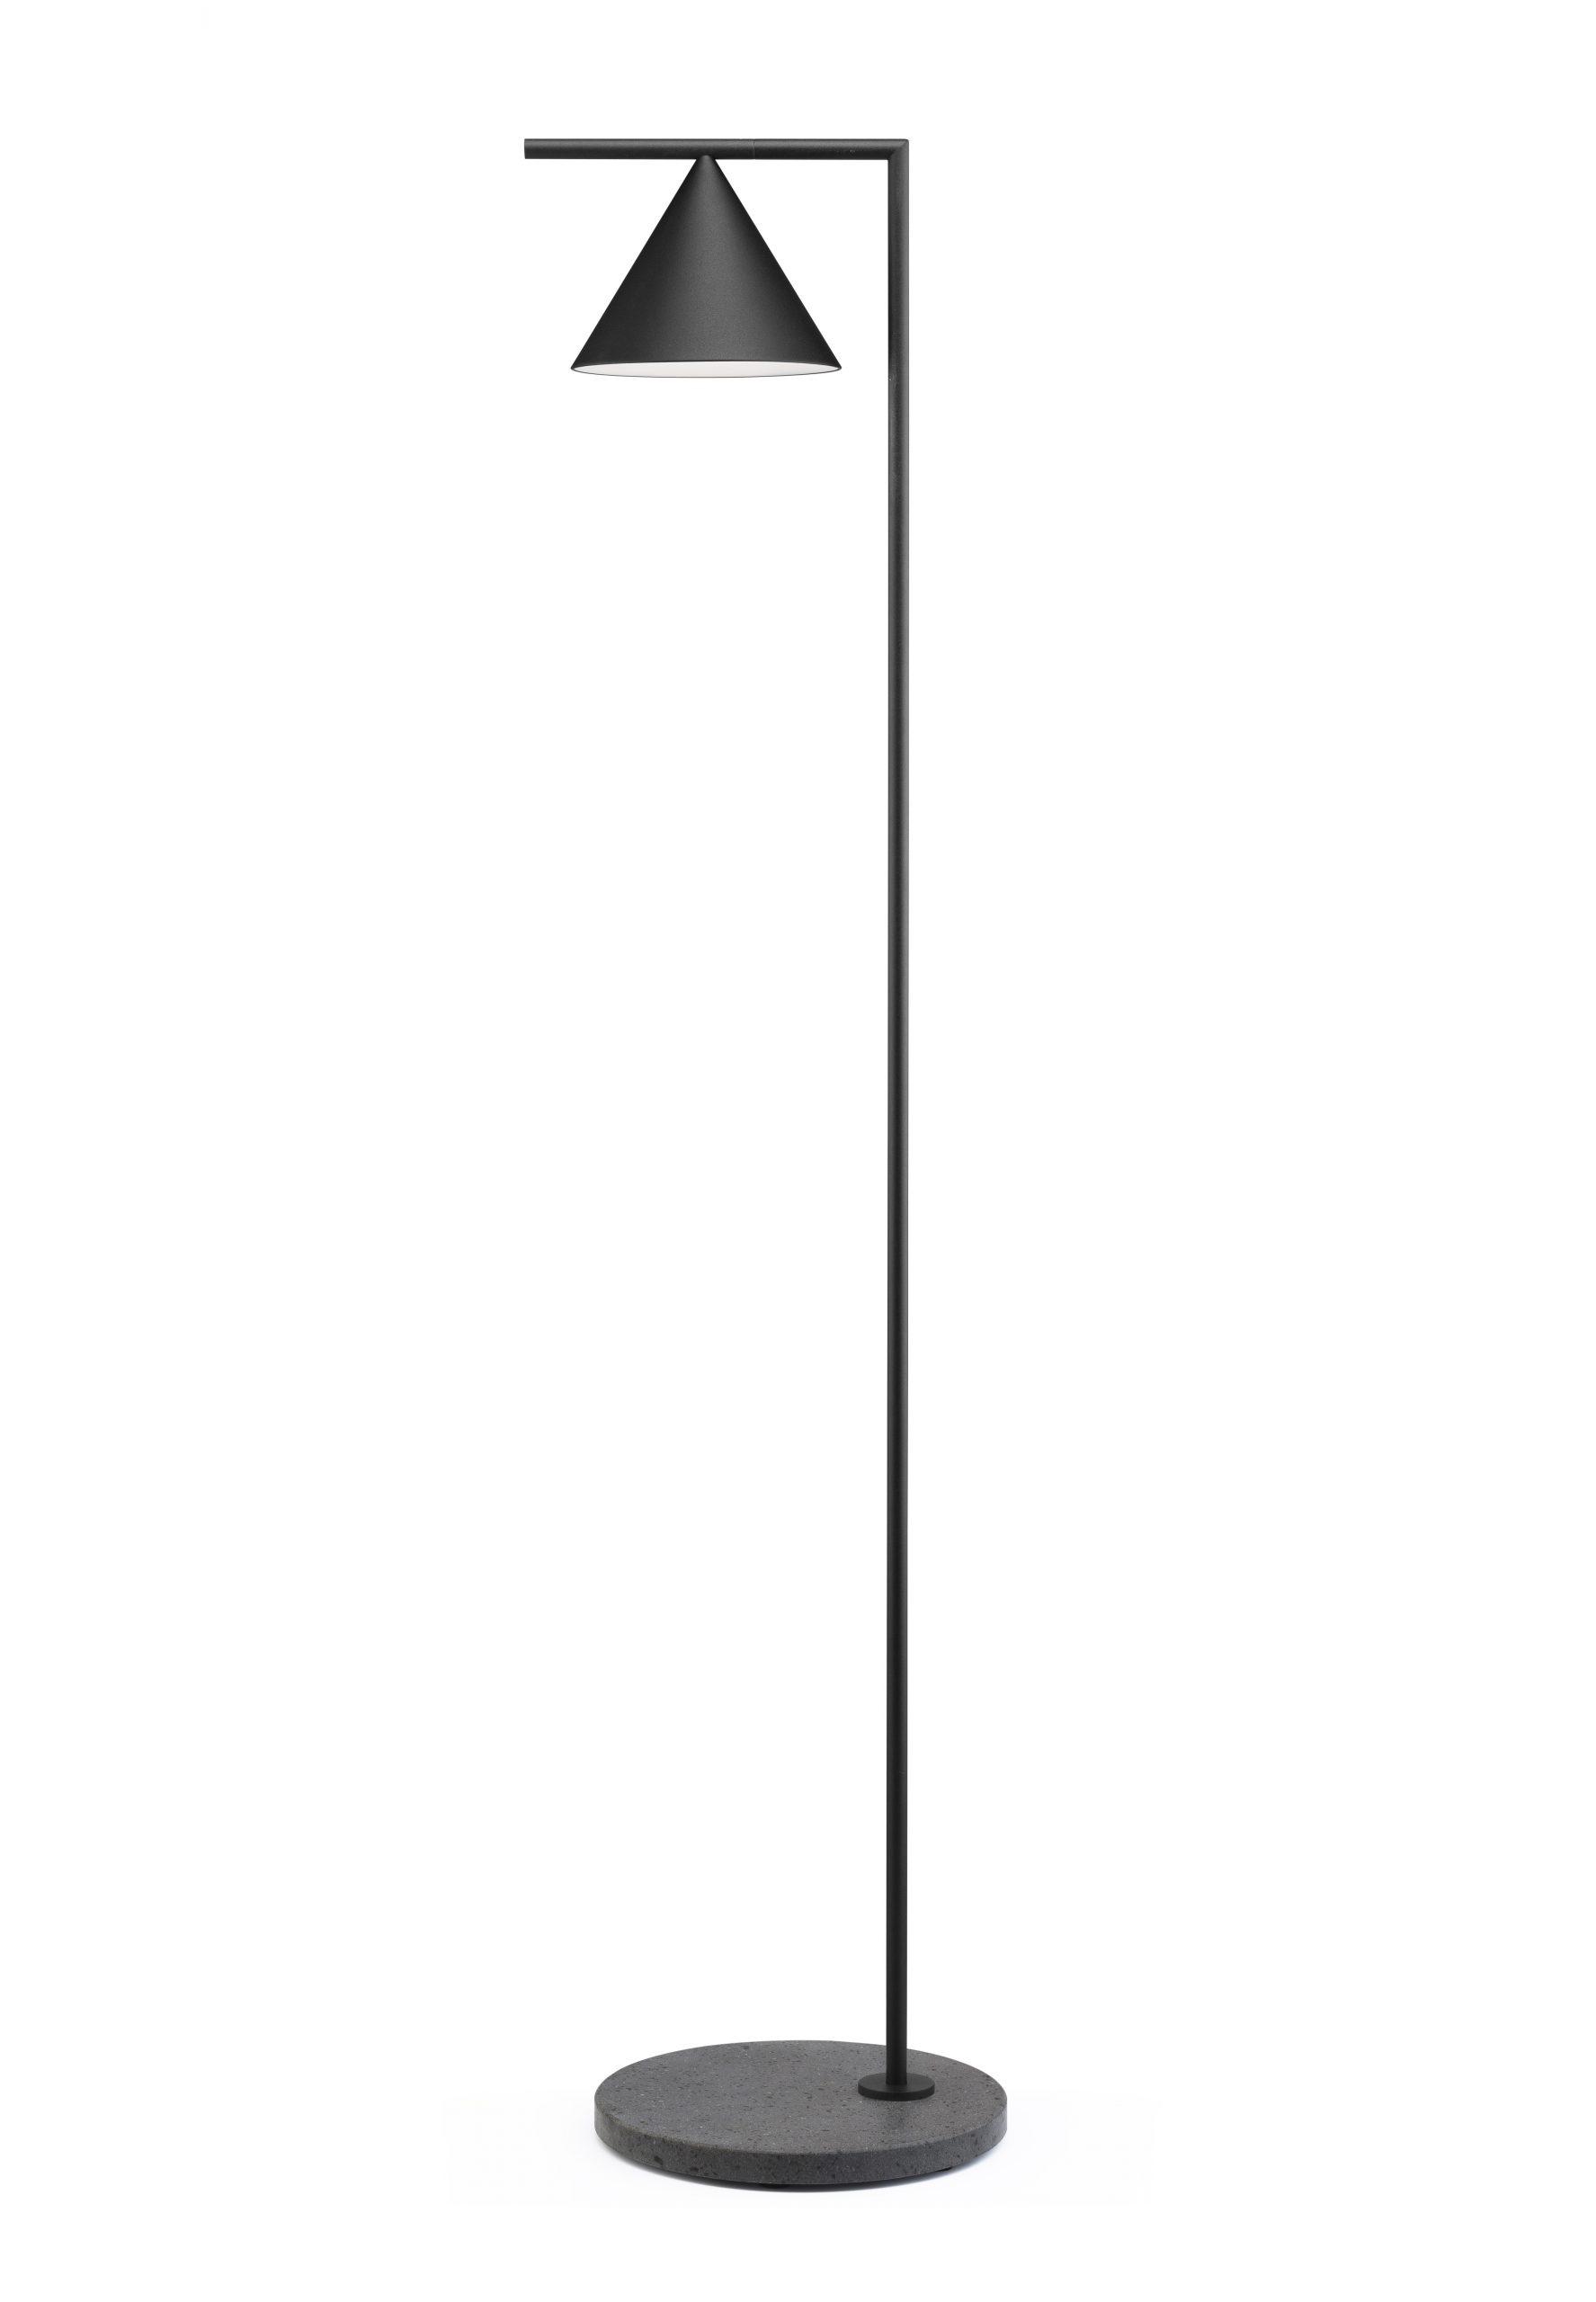 Captain Flint Outdoor preto, candeeiro de pé da marca Flos, na Traço de Luz iluminação, Portugal